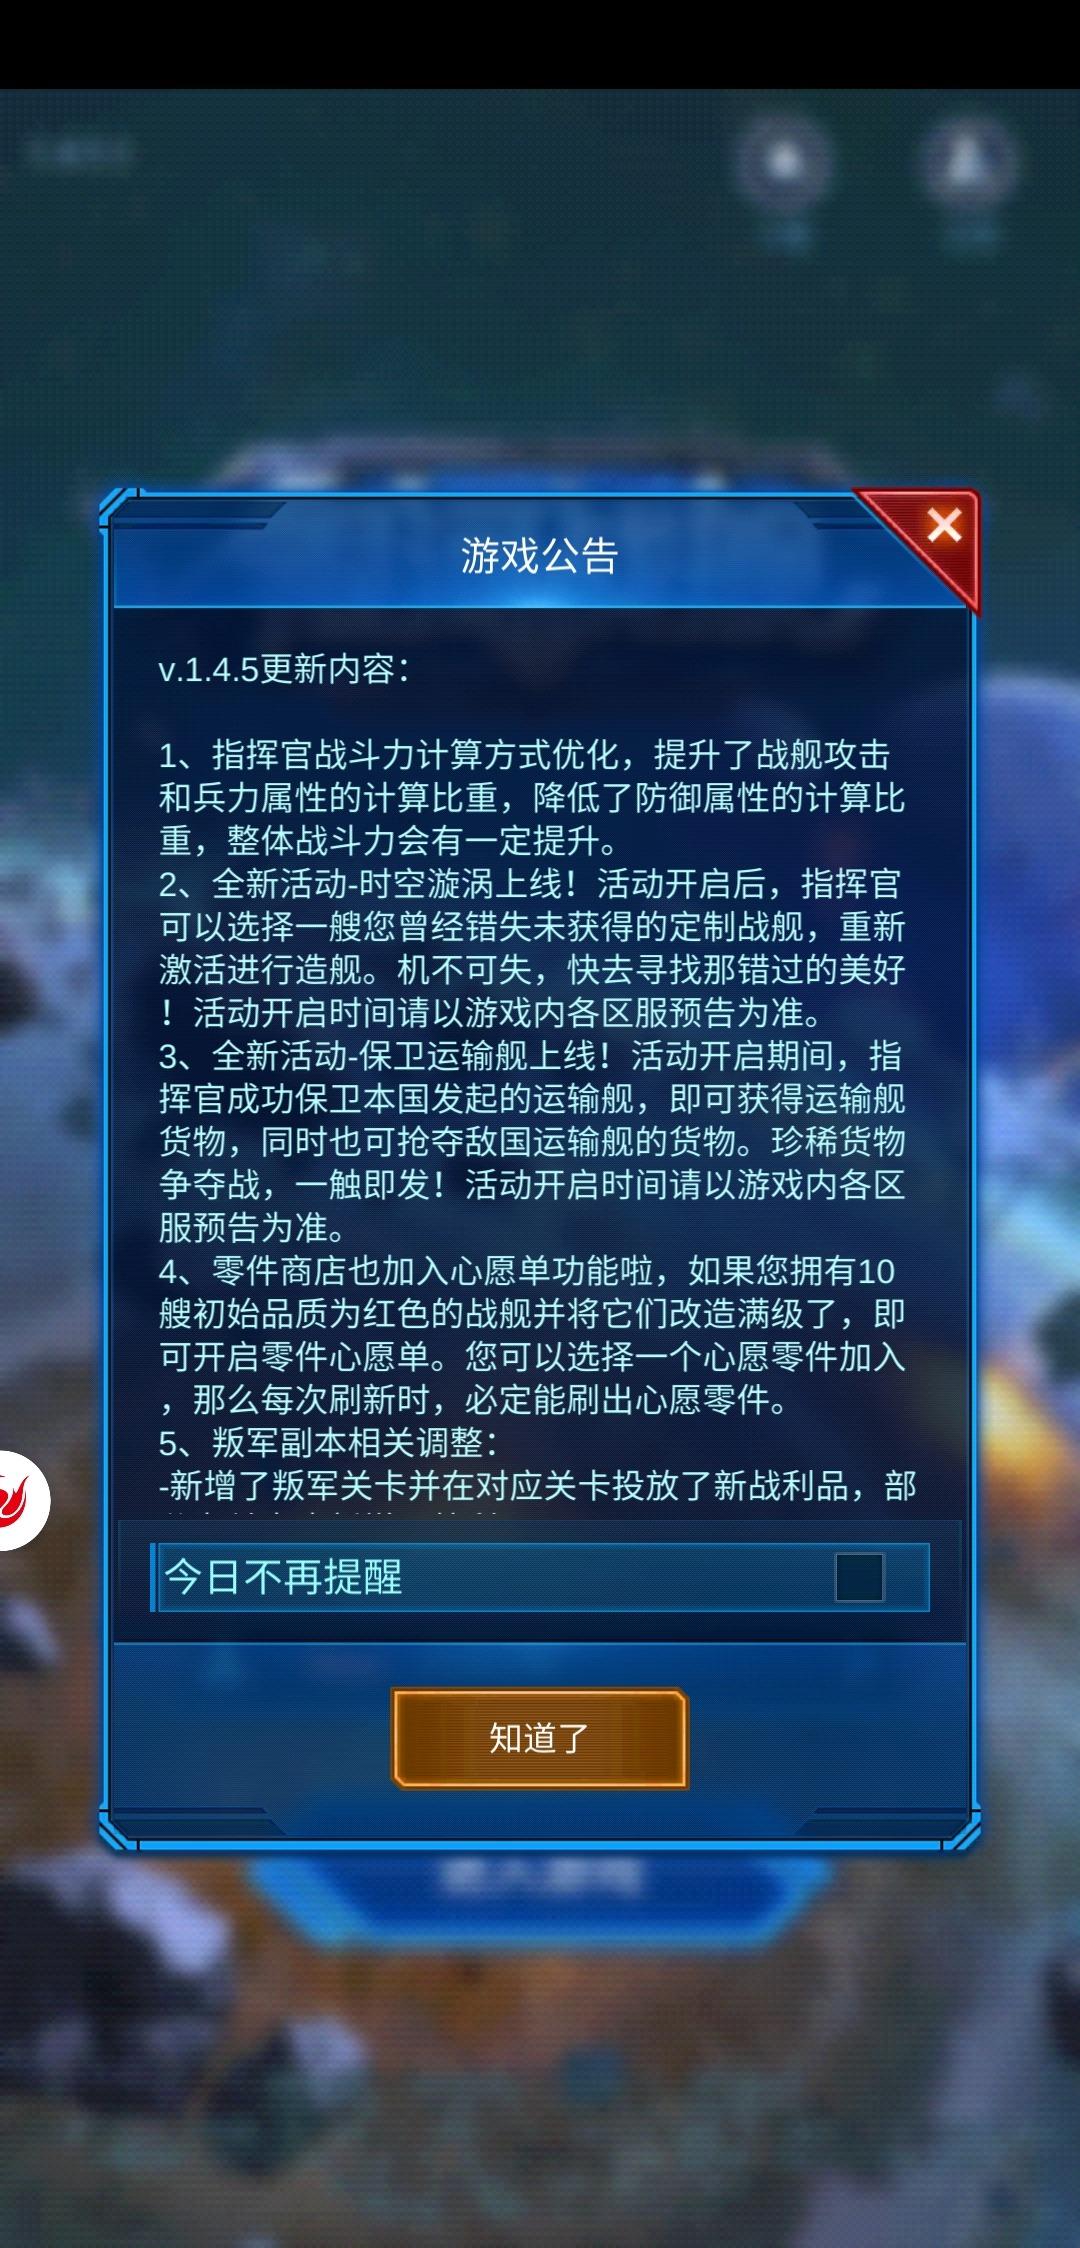 Screenshot_2020-04-24-14-22-56-502_com.yhzj.jedi.yueqiu.jpg